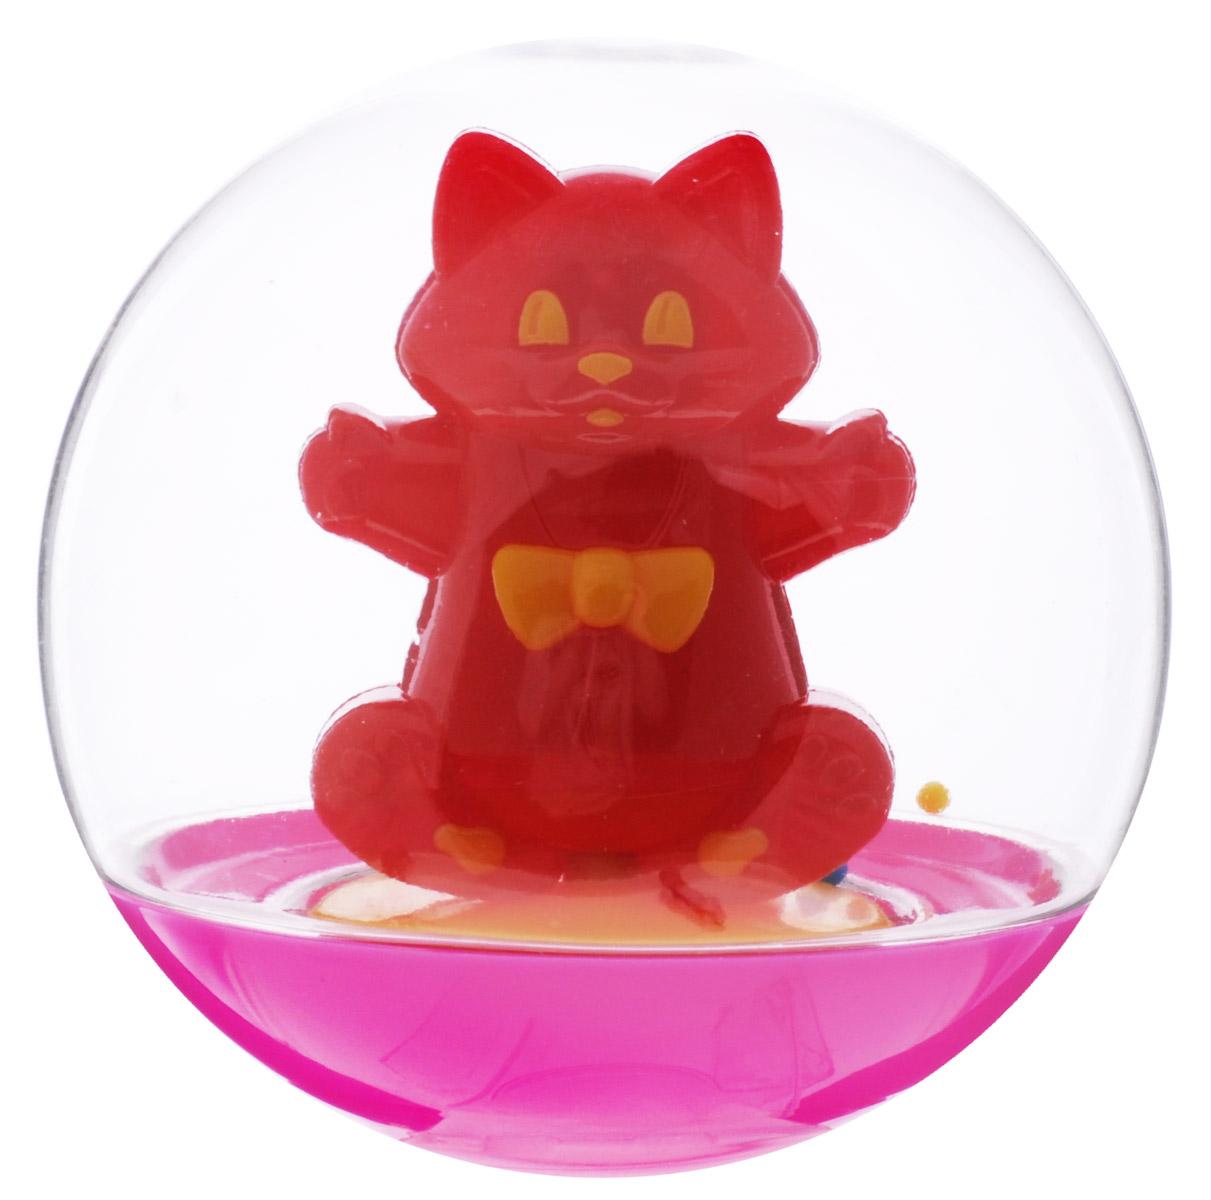 Stellar Погремушка-неваляшка Кот цвет красный малиновый развивающая игрушка stellar веселый молоточек цвет малиновый розовый желтый